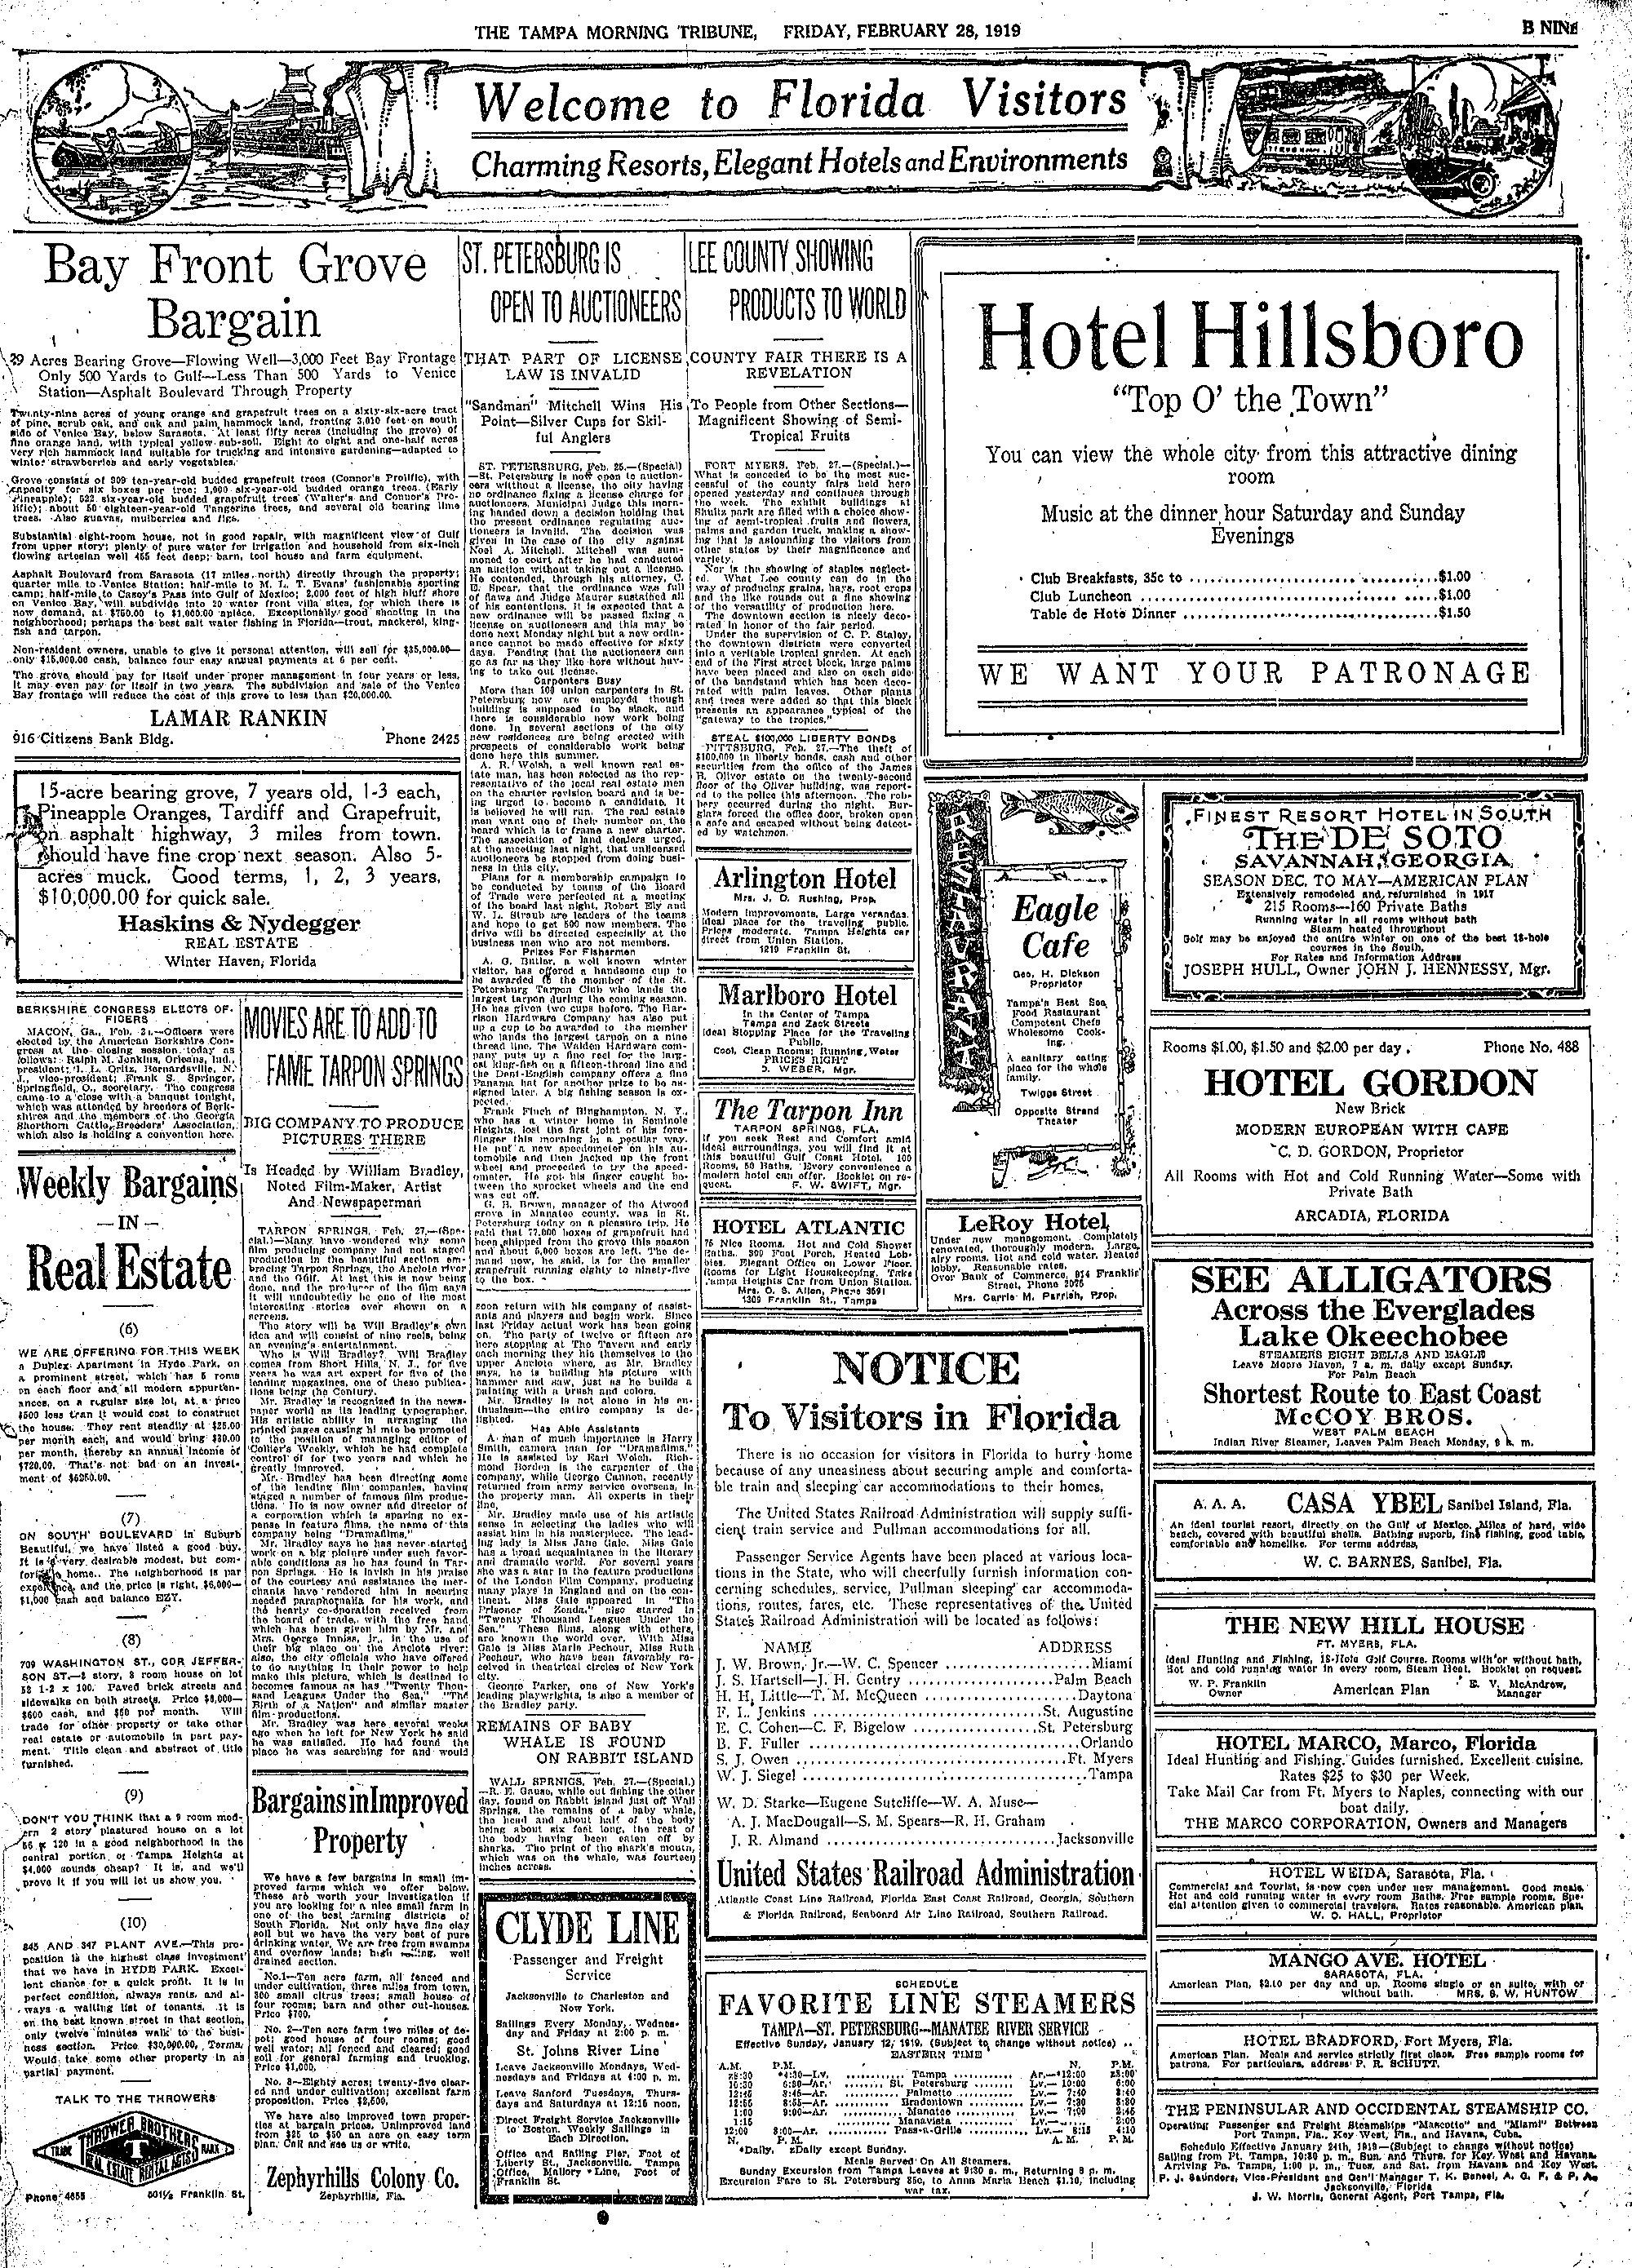 19190228 Tampa Morning Tribune